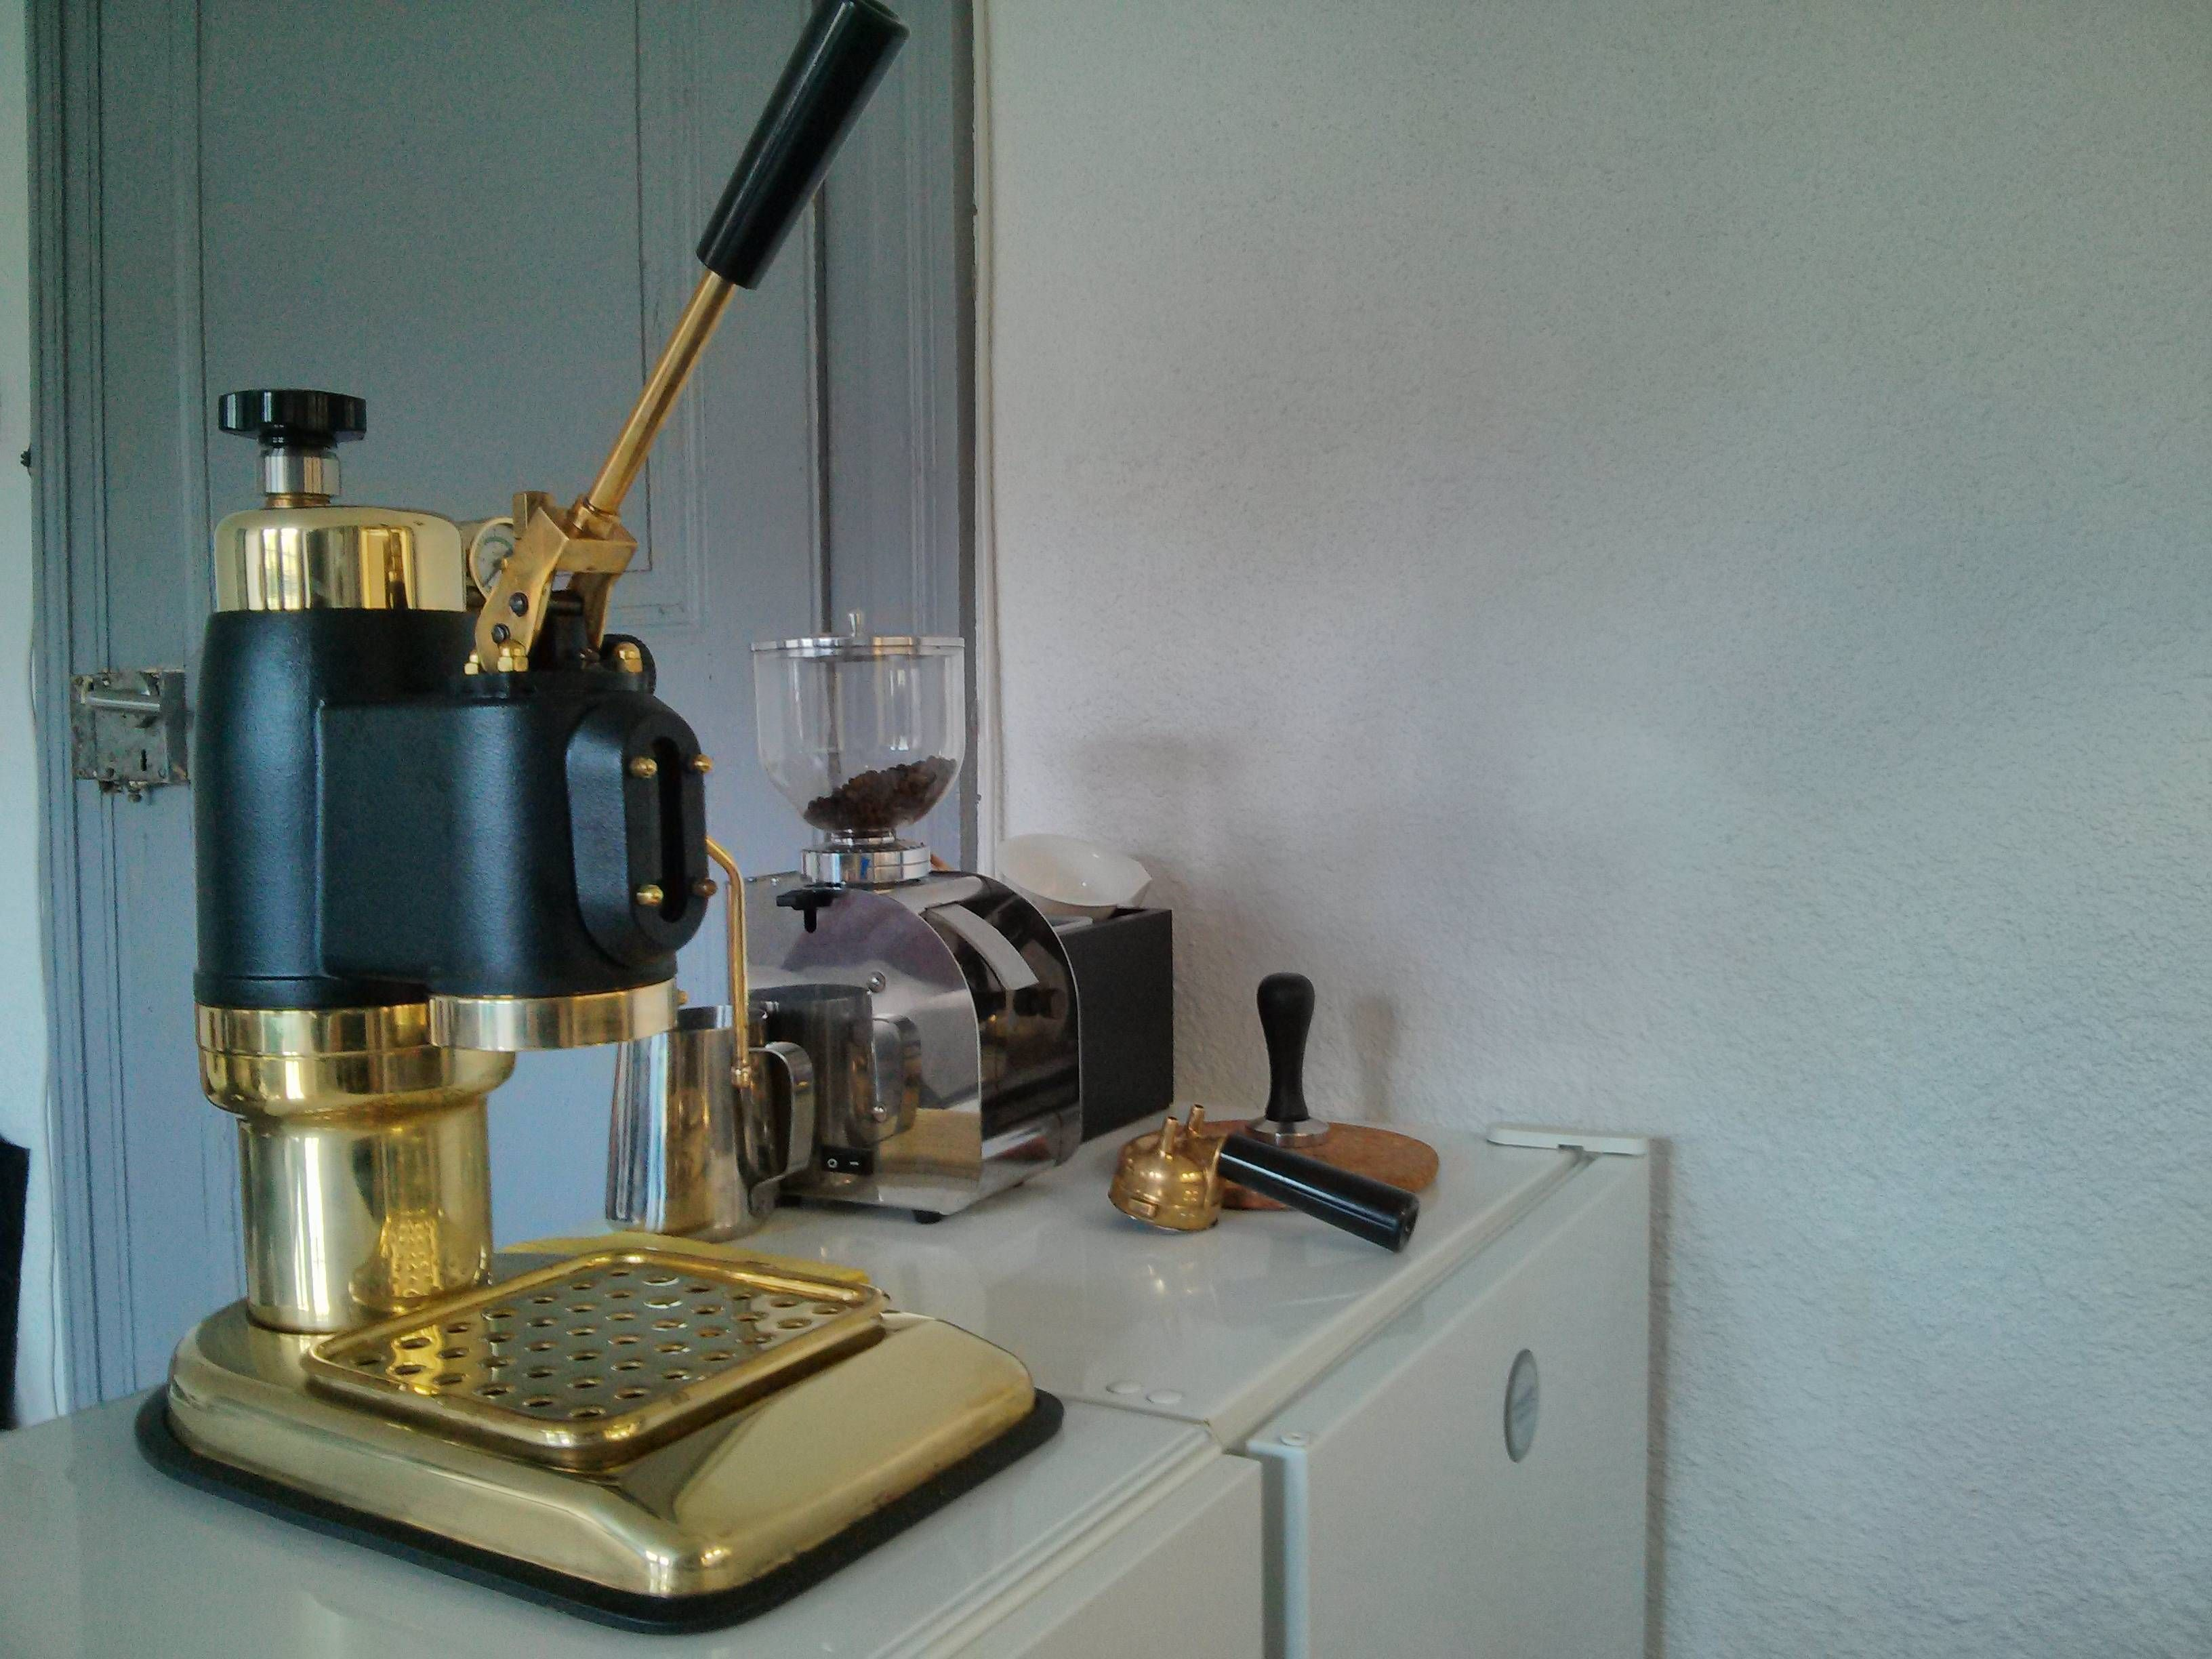 Old School Golden Antique Espresso Machine by Reddit user